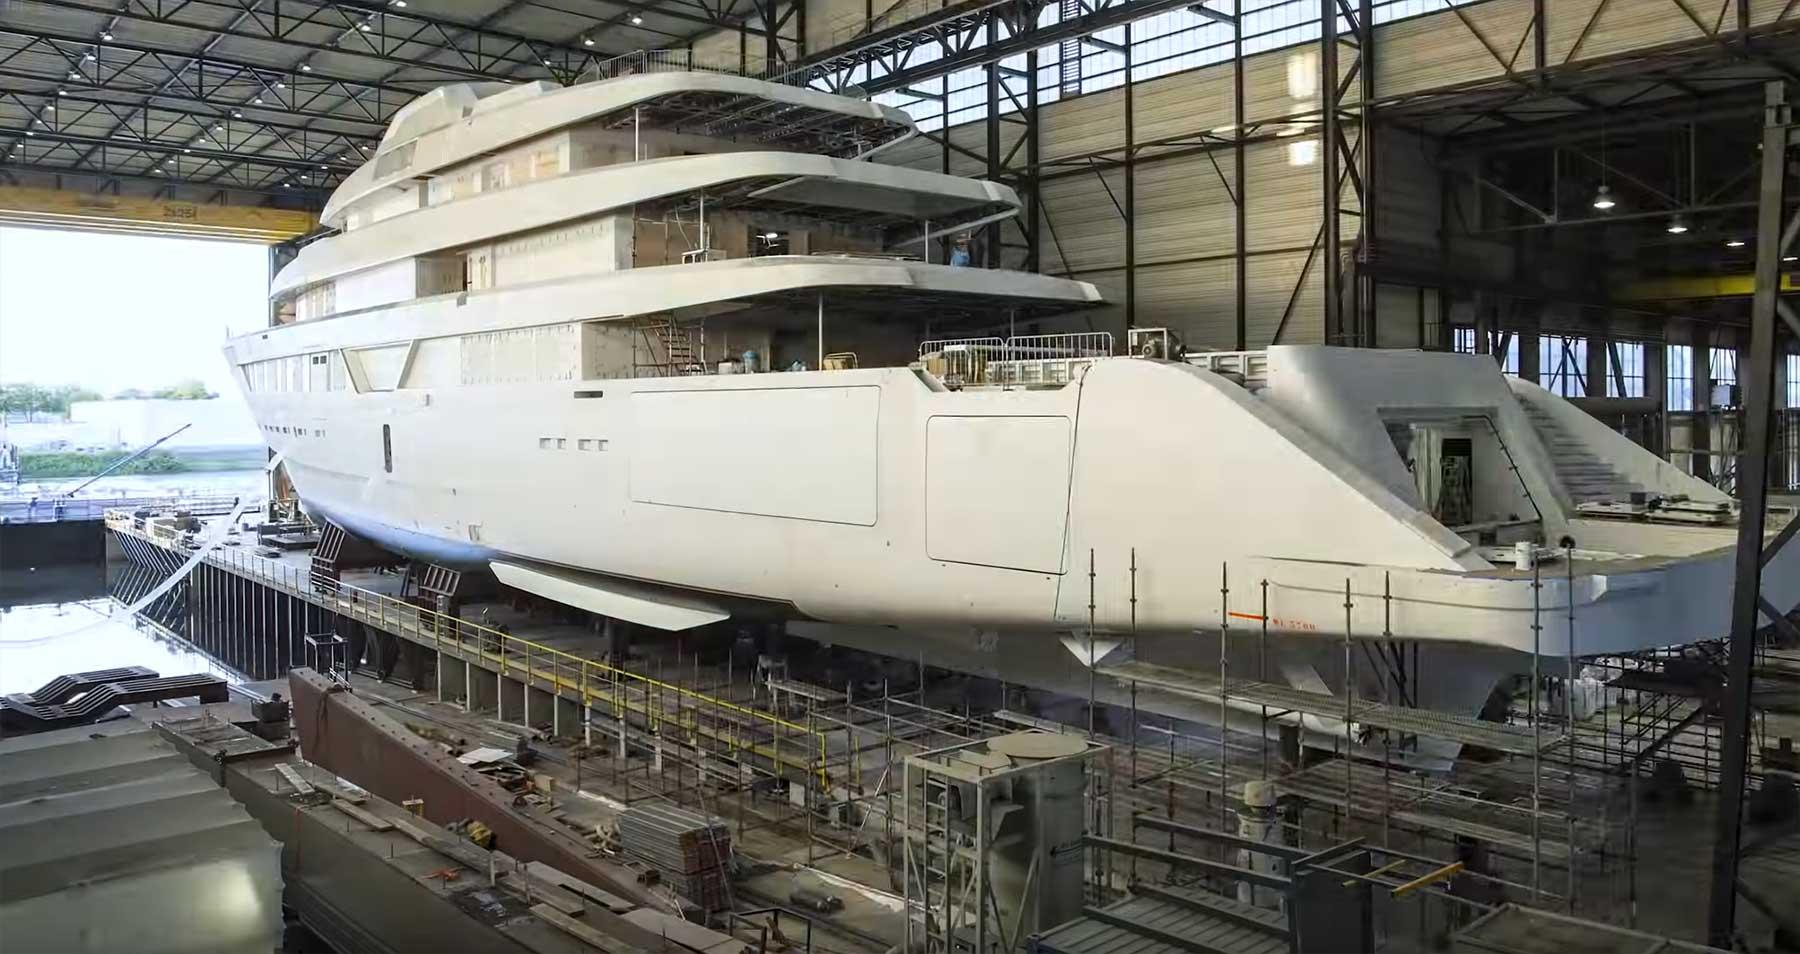 Der Bau einer 87 Meter-Luxus-Yacht im Zeitraffer yachtbau-timelapse-video